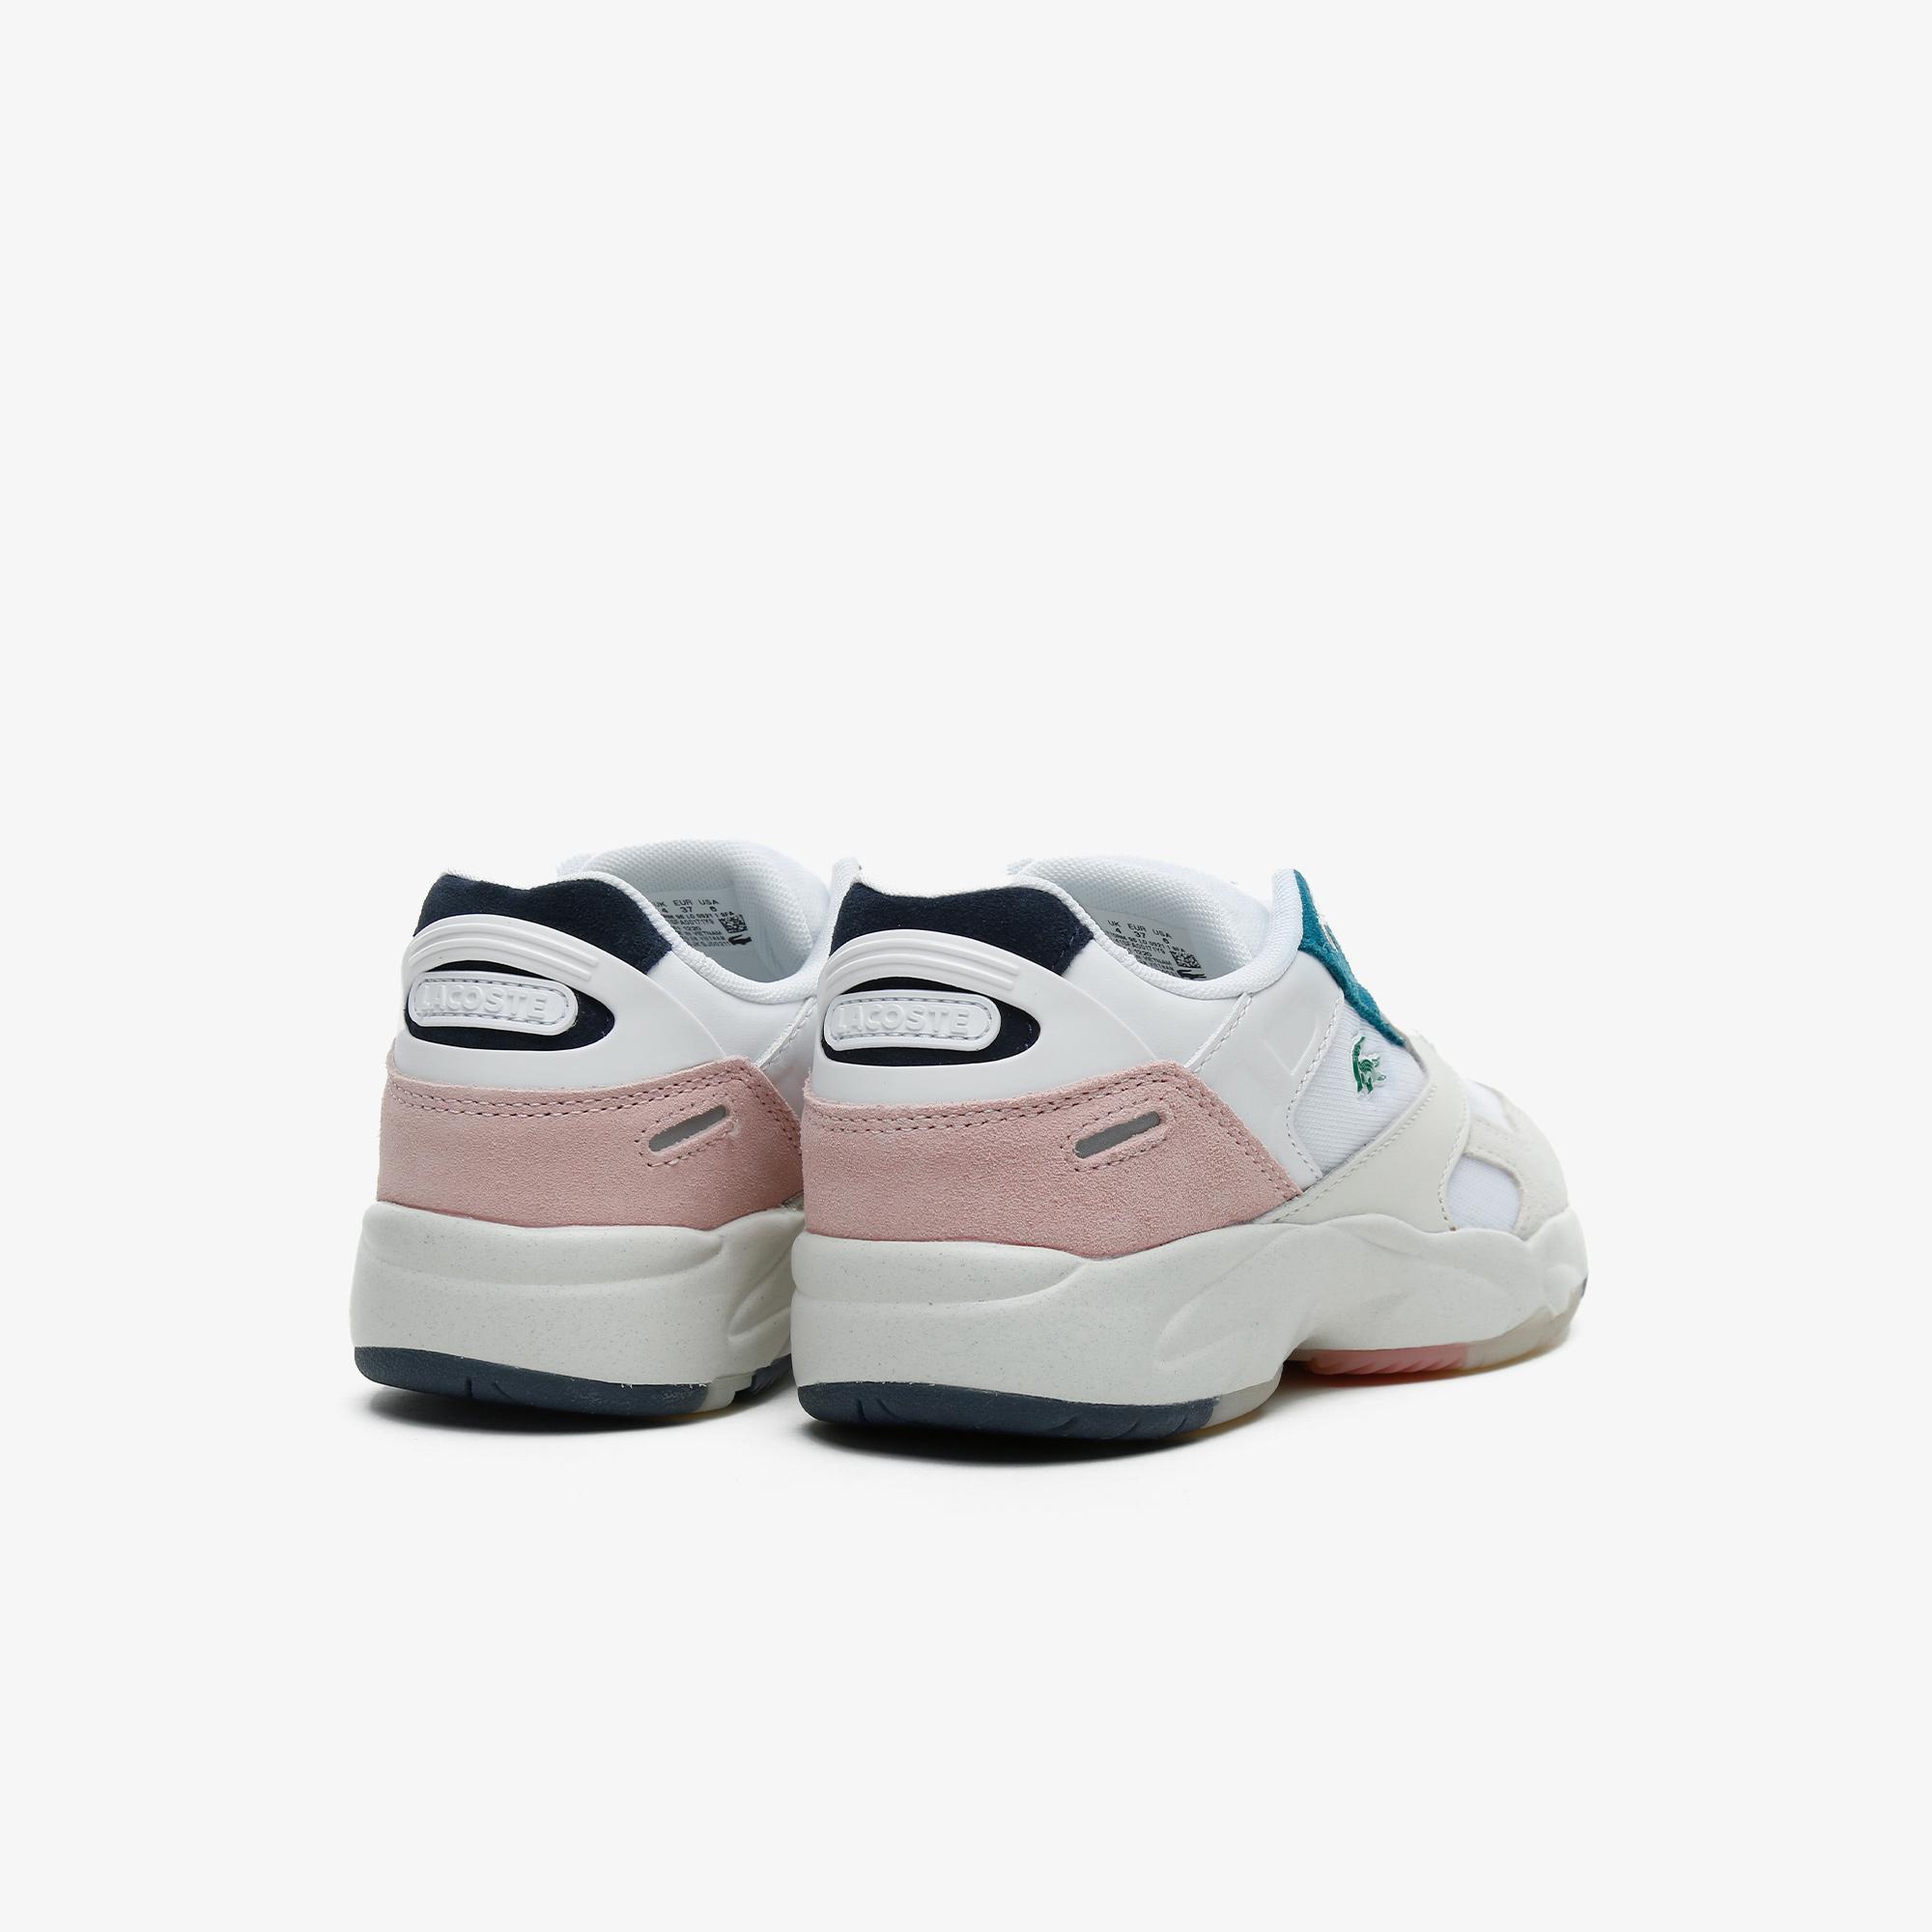 Lacoste Storm 96 Lo 0921 1 Sfa Kadın Beyaz - Açık Pembe Sneaker